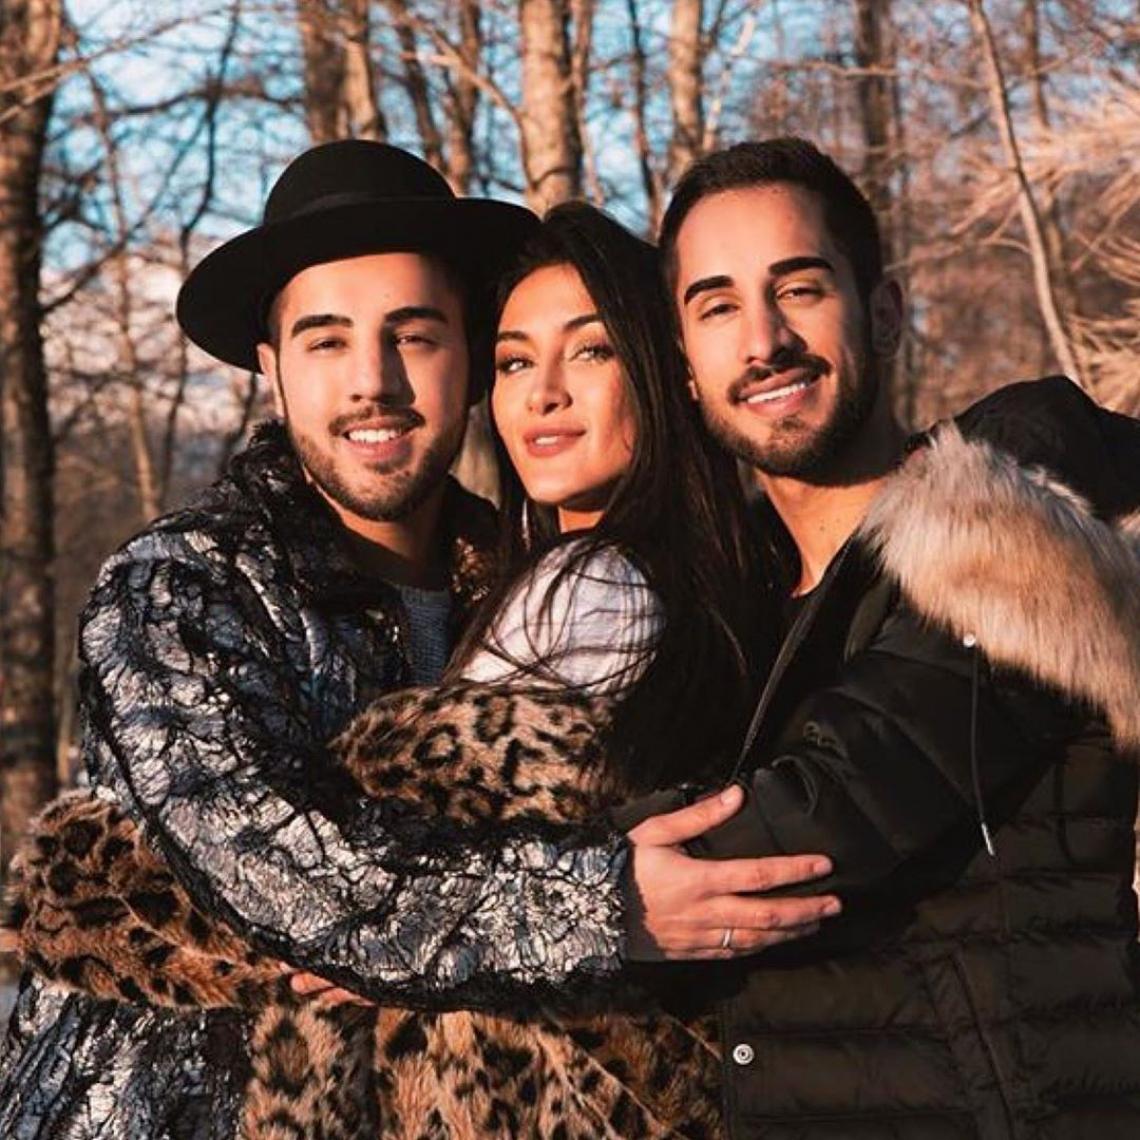 Banda Melim se apresenta em Fortaleza no mês de dezembro